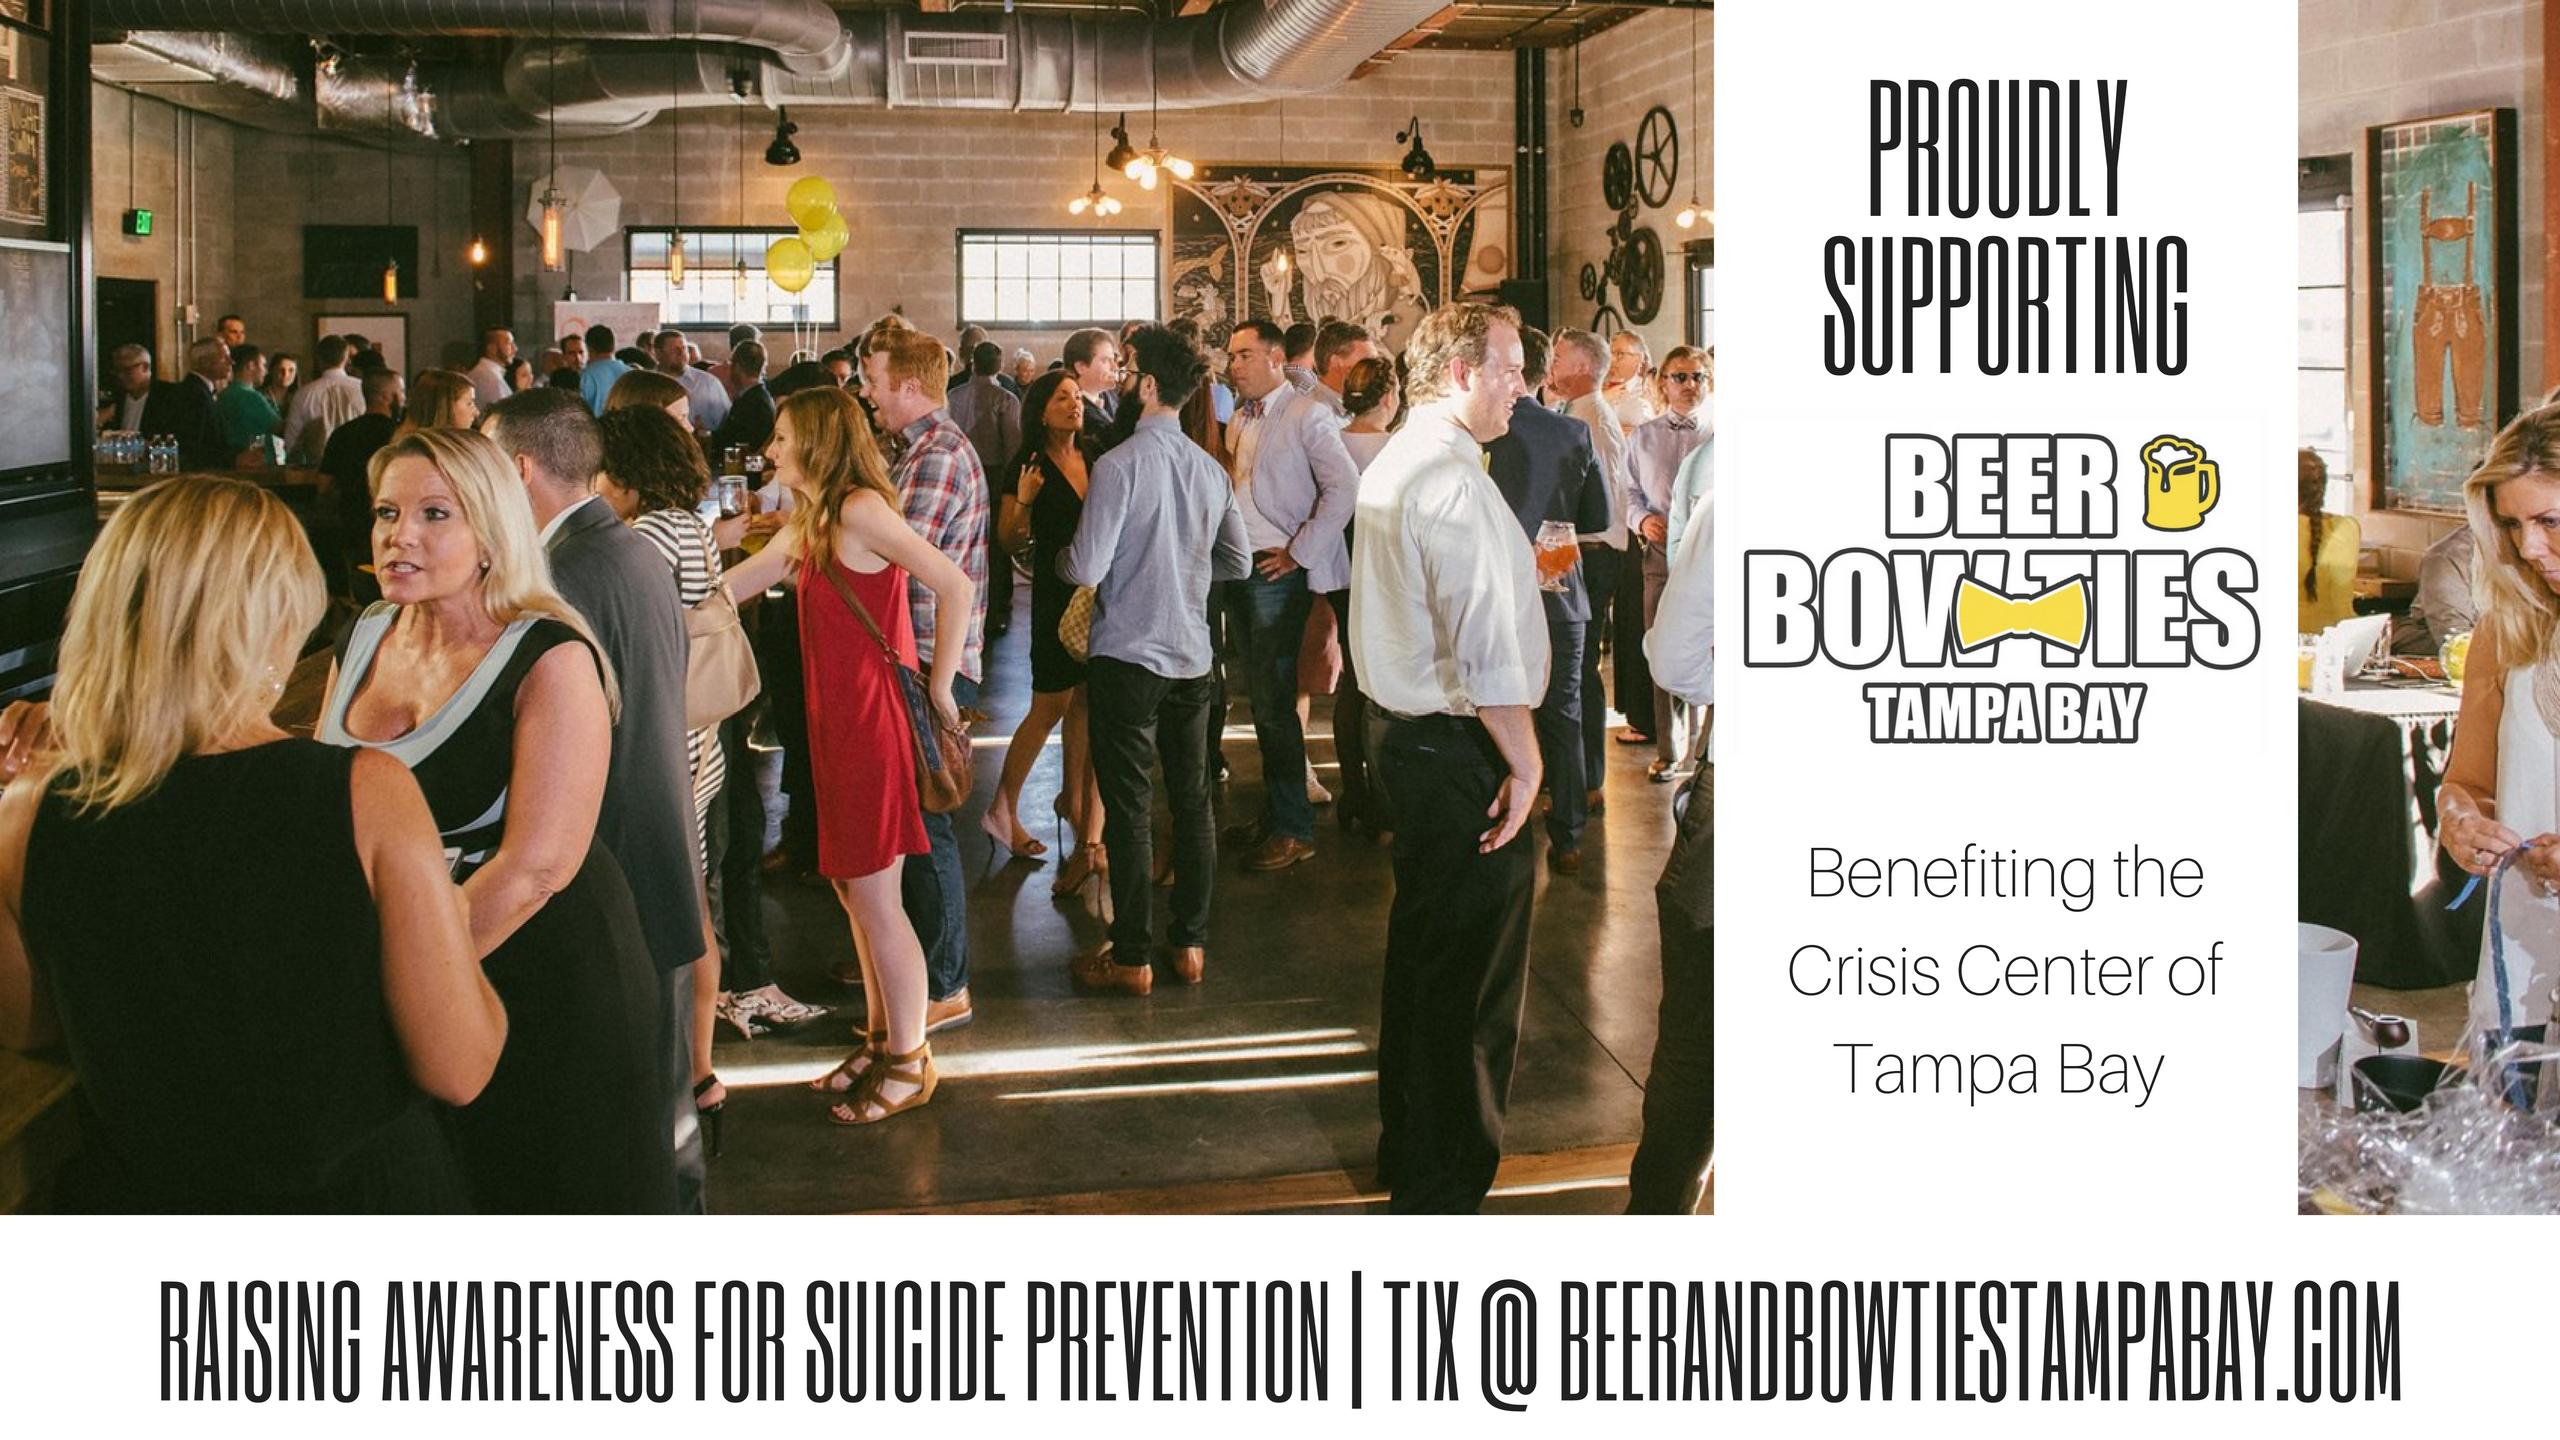 Beer & Bow Ties Tampa Bay